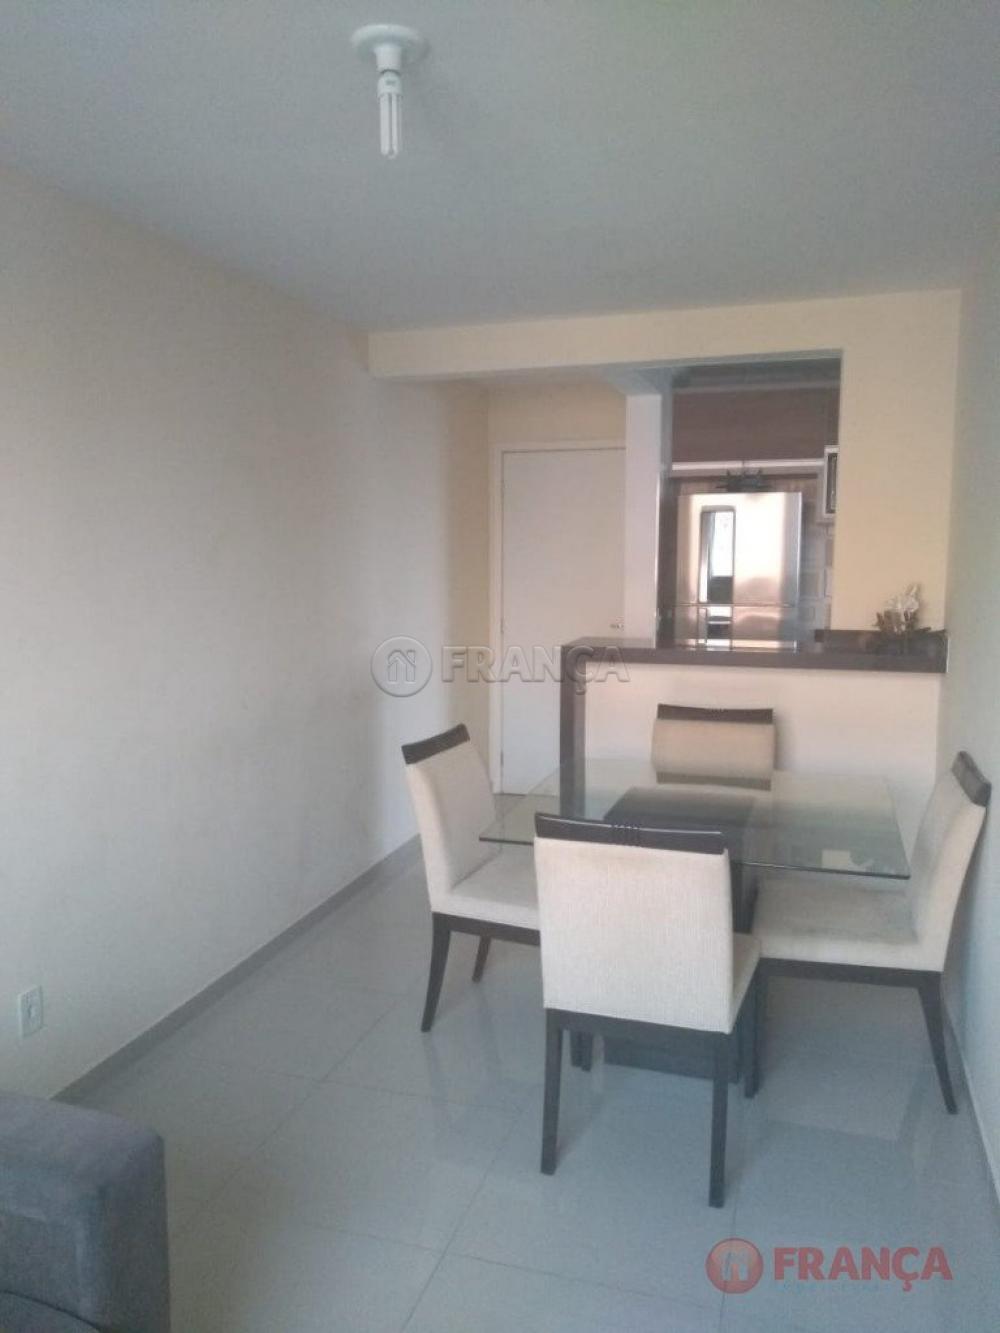 Comprar Apartamento / Padrão em Jacareí apenas R$ 170.000,00 - Foto 4